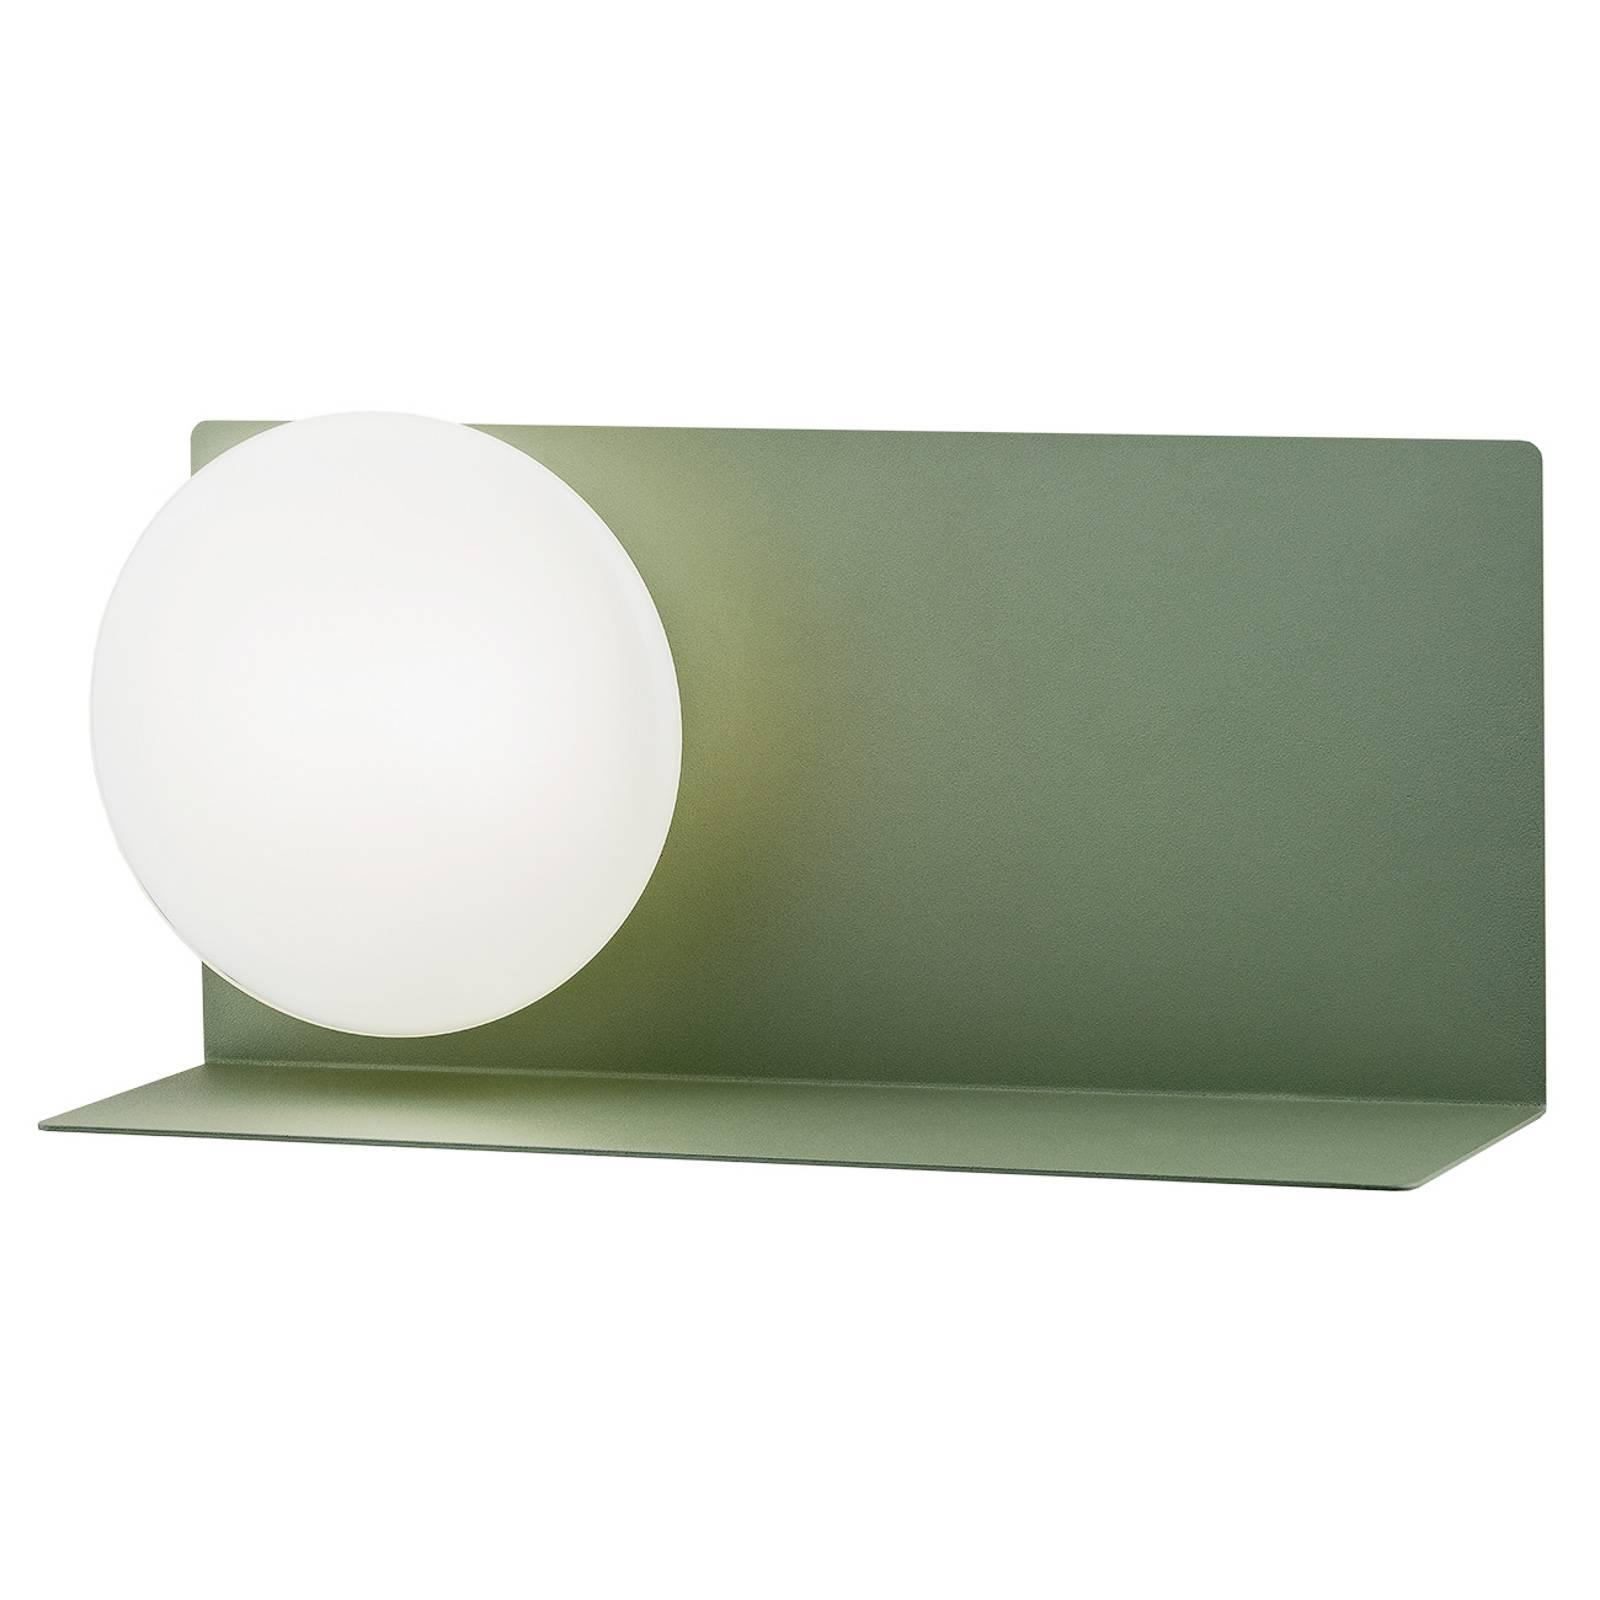 LED-seinälamppu Clark lasivarjostimella, vihreä